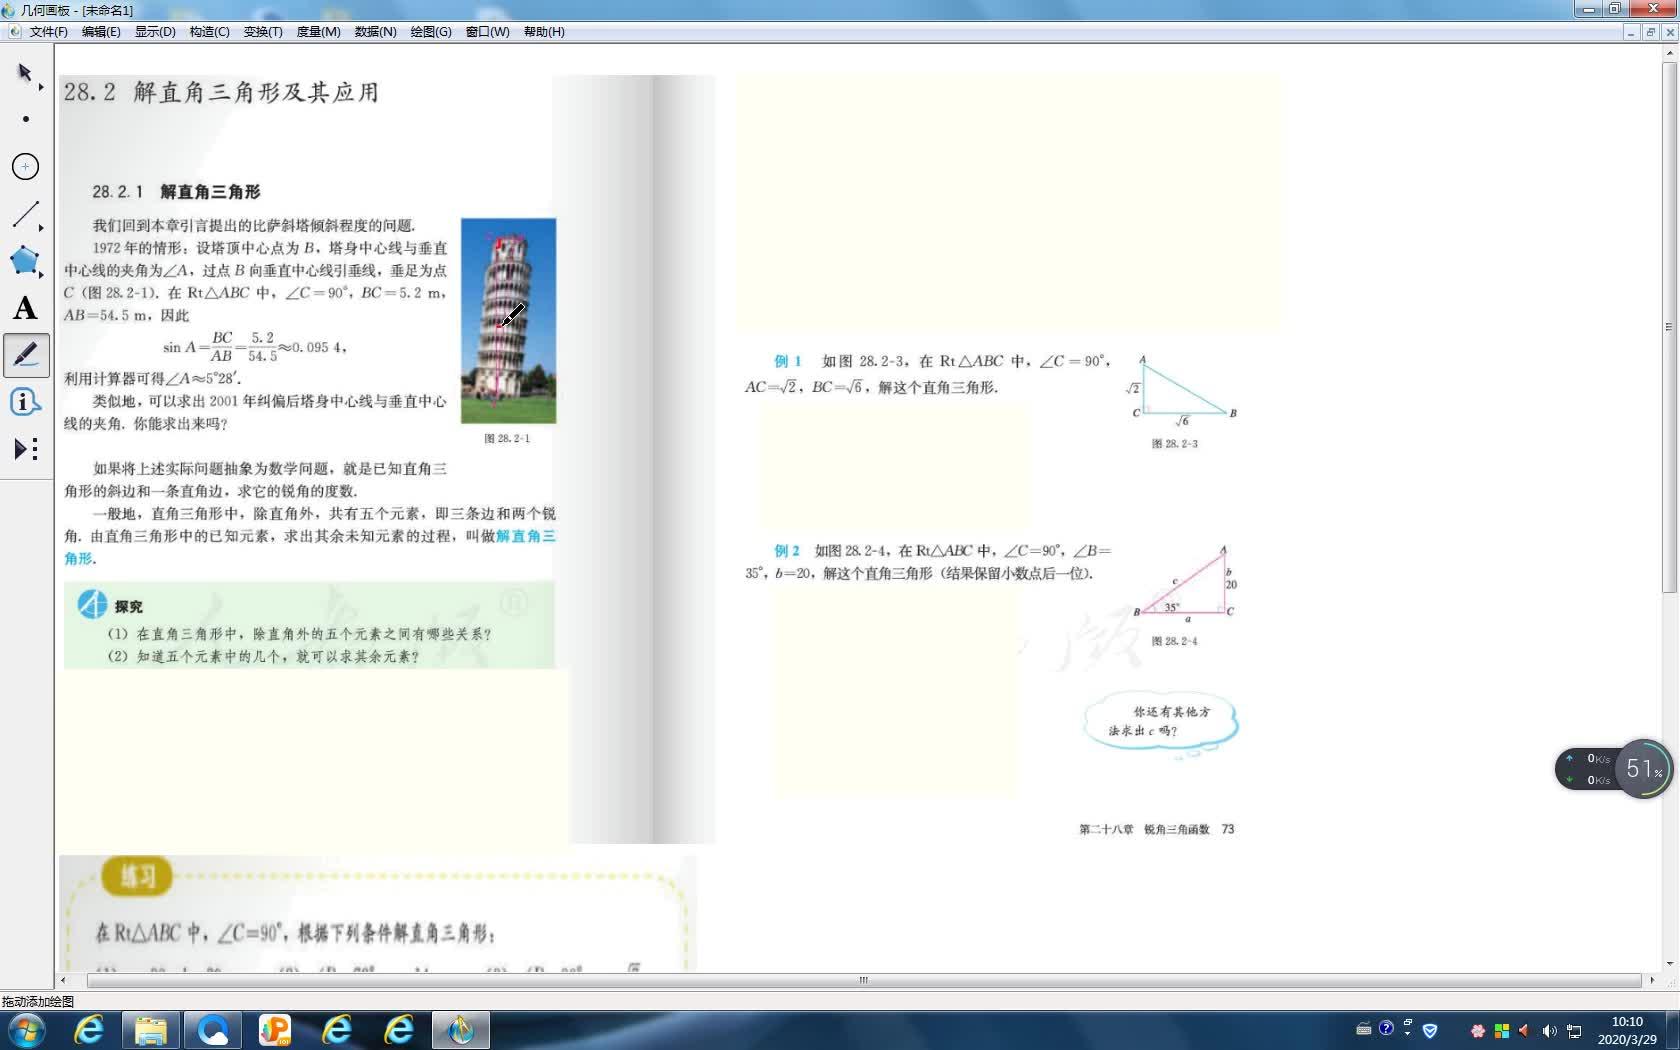 人教版九年級下冊   28.2.1解直角三角形 視頻微課